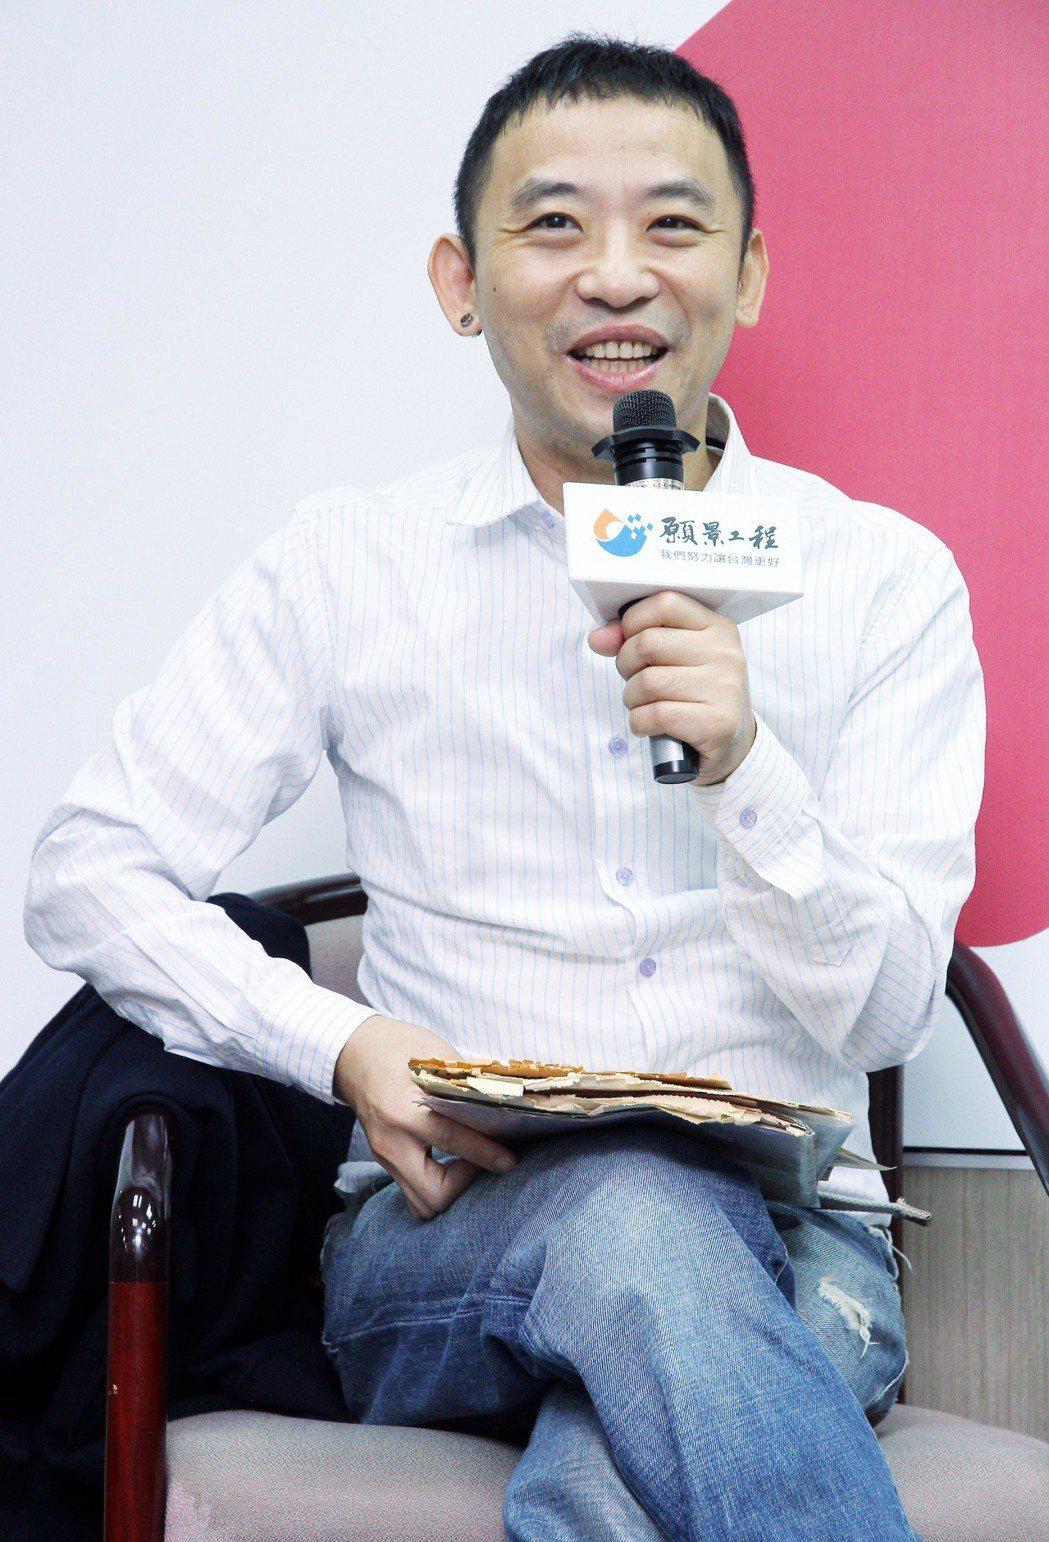 陳俊志曾出席願景工程之小心歧視座談會,暢談「同志議題」。圖/聯合報系資料照